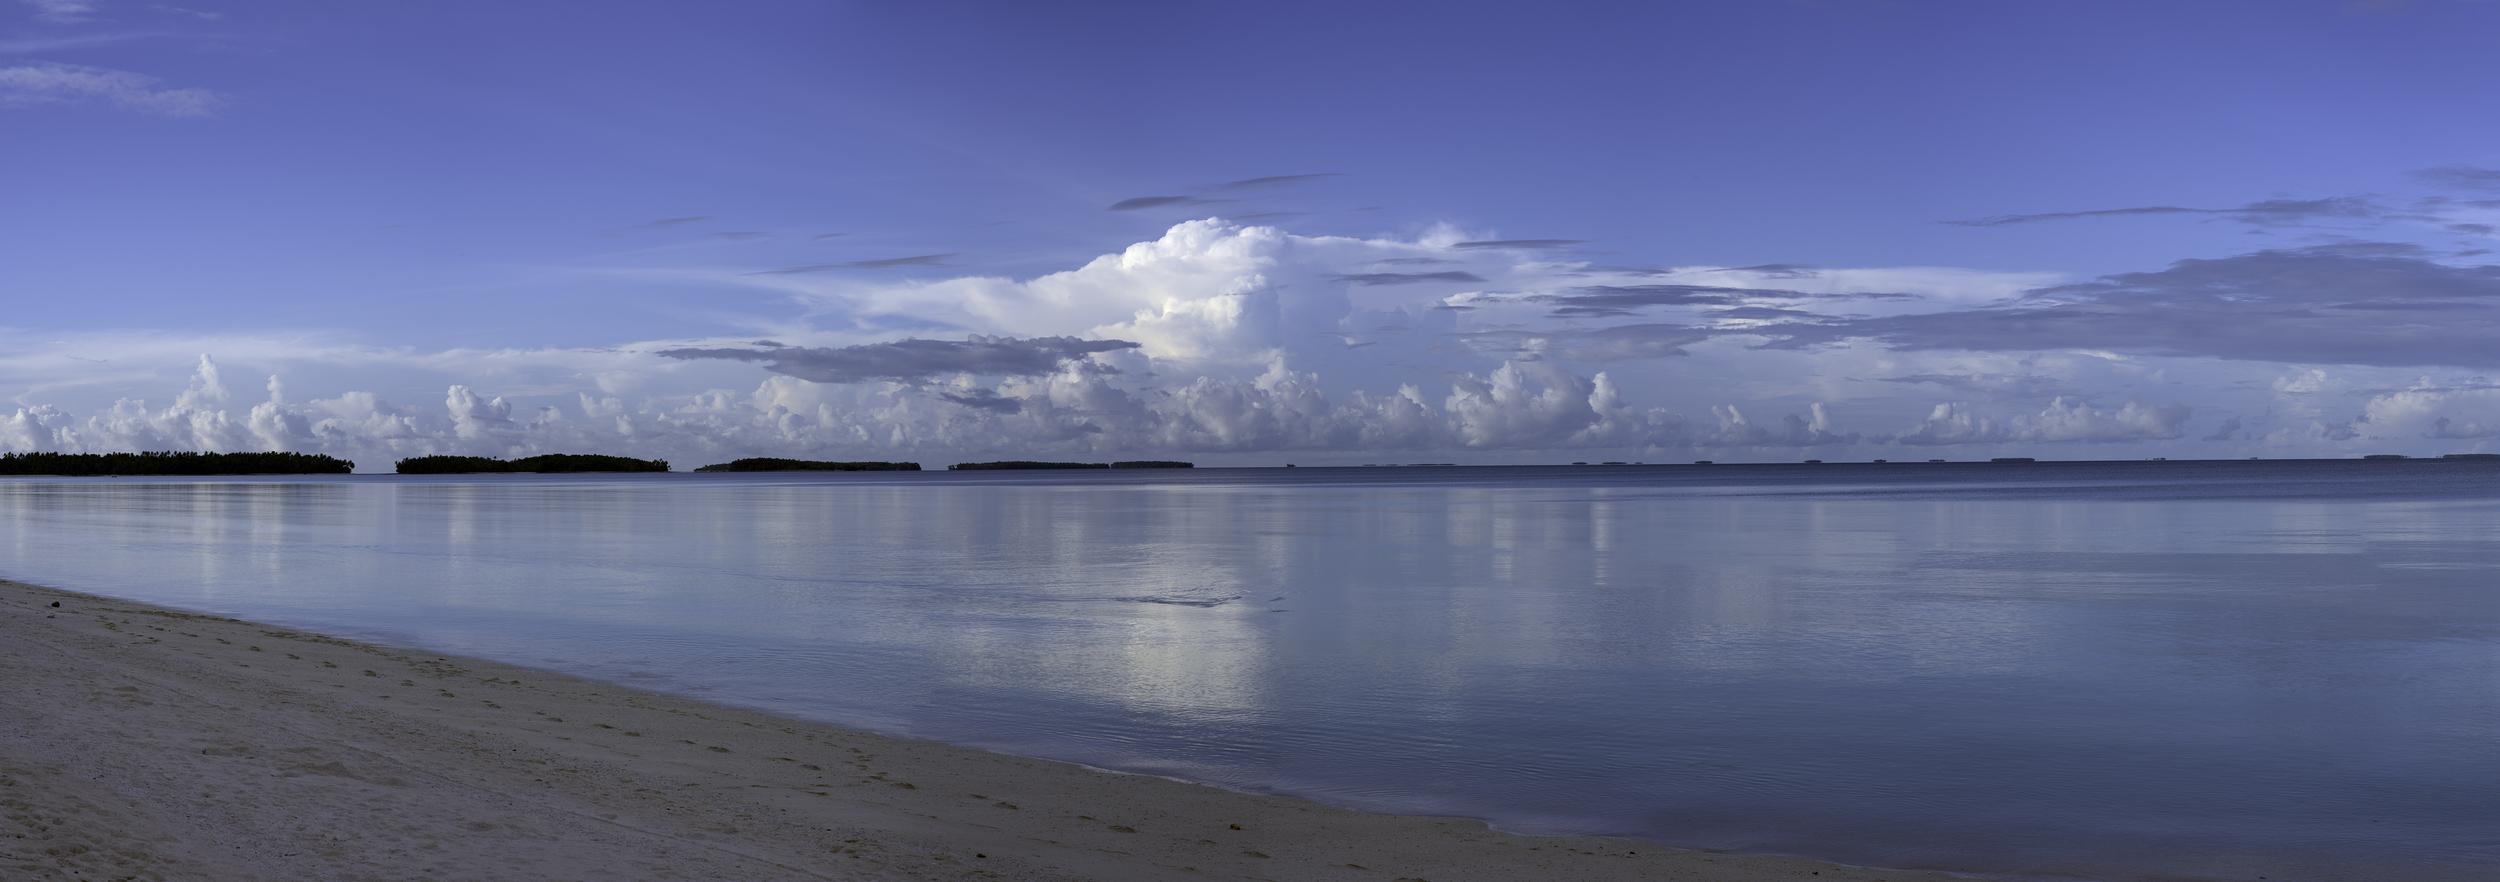 Dusk, Arno Atoll Lagoon (2015)